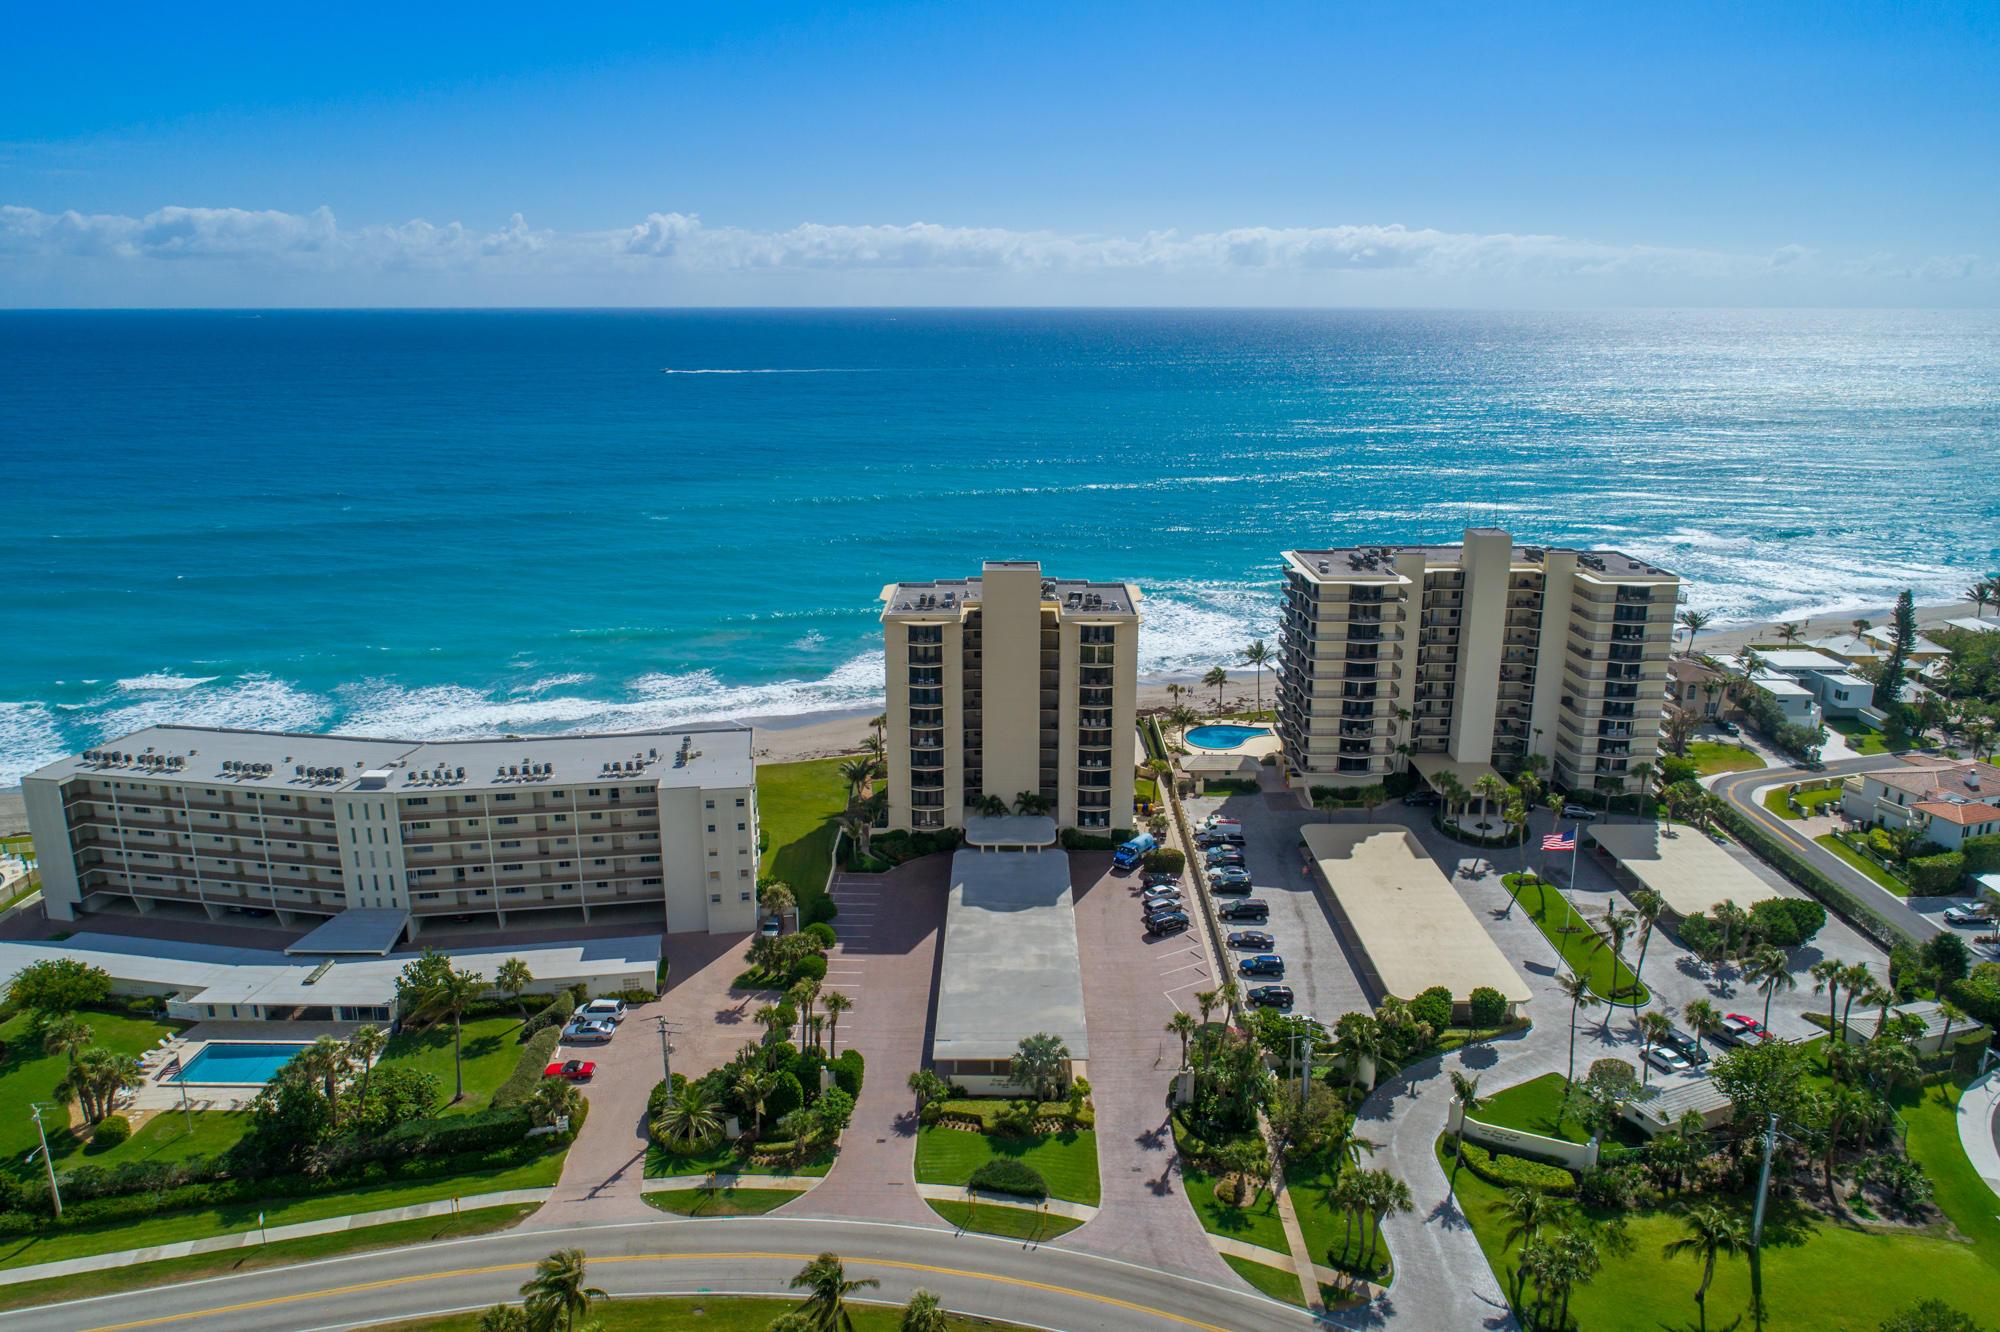 OCEAN TOWERS TEQUESTA FLORIDA